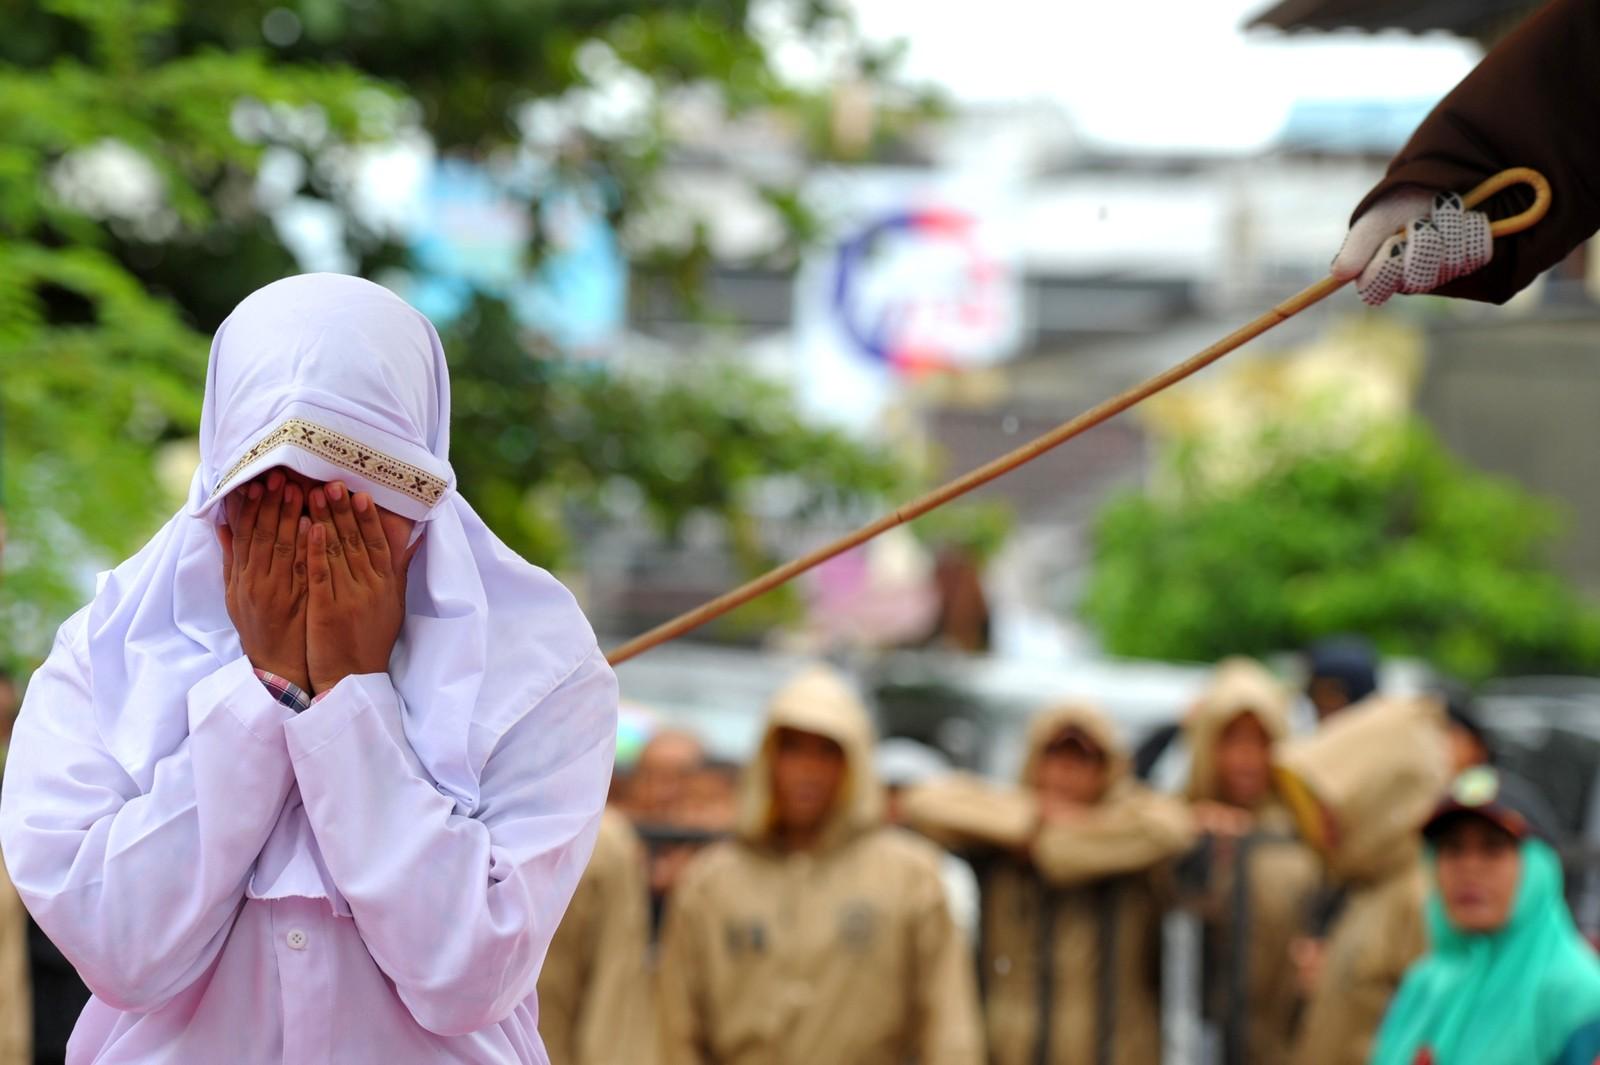 En muslimsk kvinne får 23 slag fordi hun ble tatt i å være i nærheten av kjæresten sin i Banda Aceh på Sumatra. Det er ikke lov å tilbringe tid sammen som ugifte.